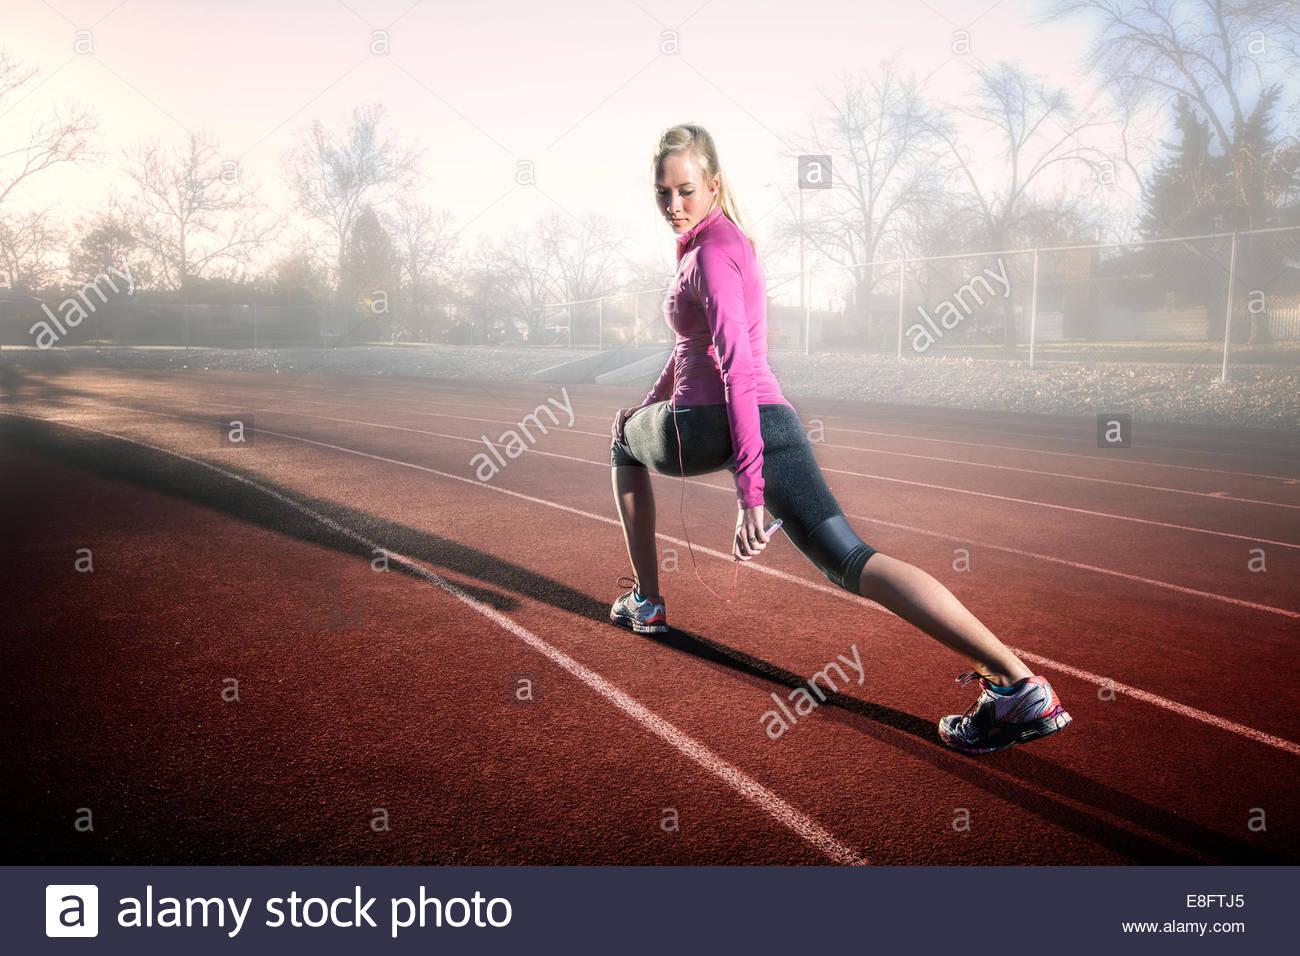 Frau auf Laufstrecke stretching und anhören von Musik, Colorado, America, USA Stockbild